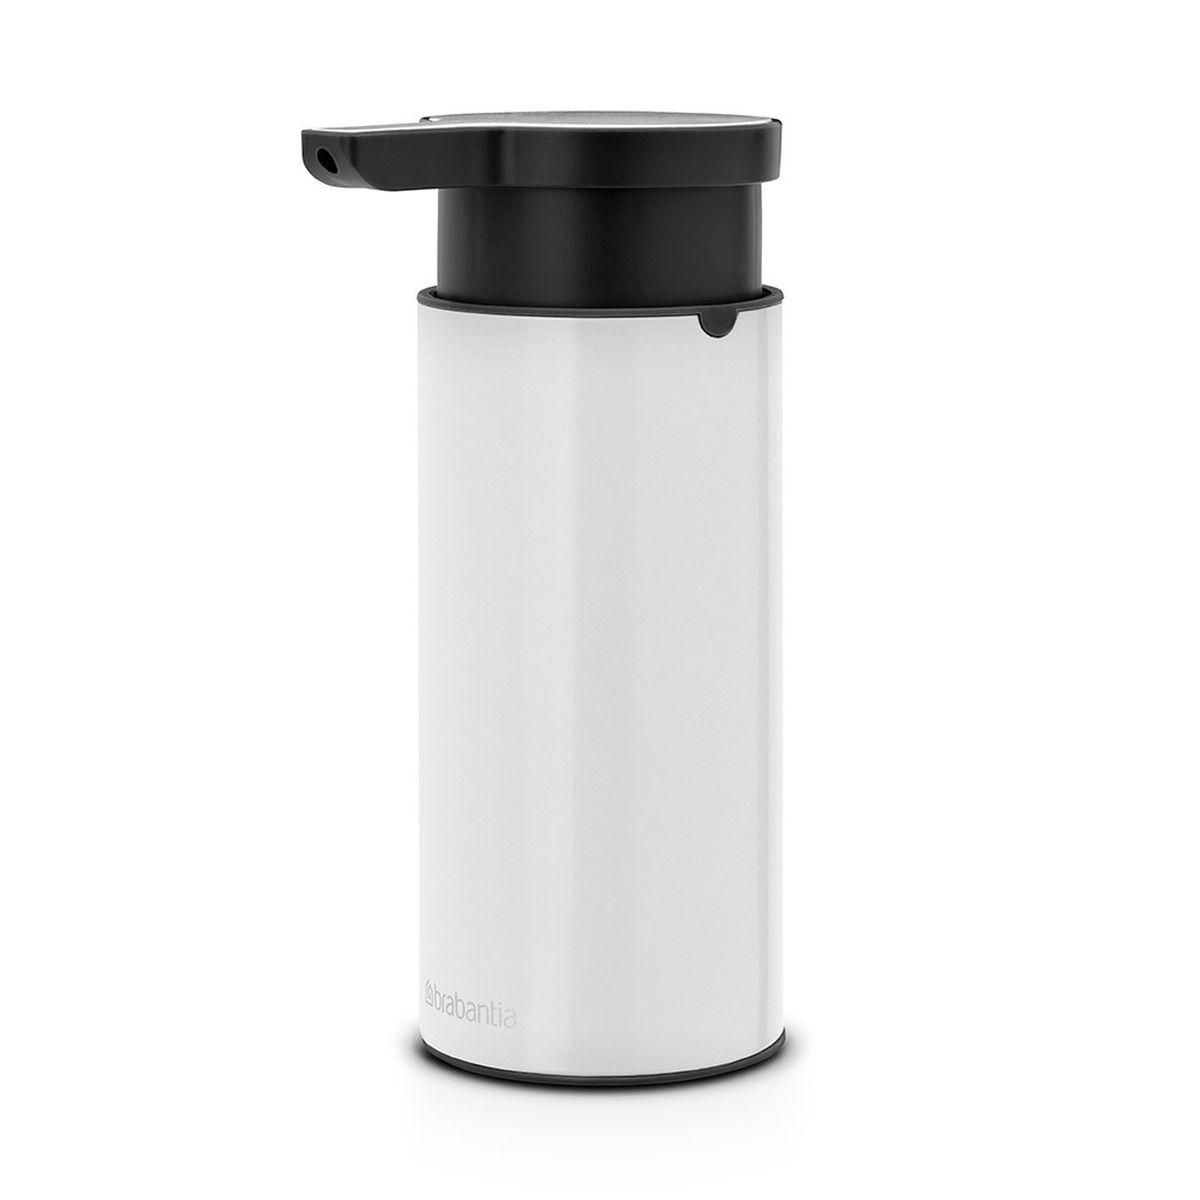 Диспенсер для жидкого мыла Brabantia, цвет: белый диспенсеры кухонные brabantia диспенсер для жидкого мыла красный